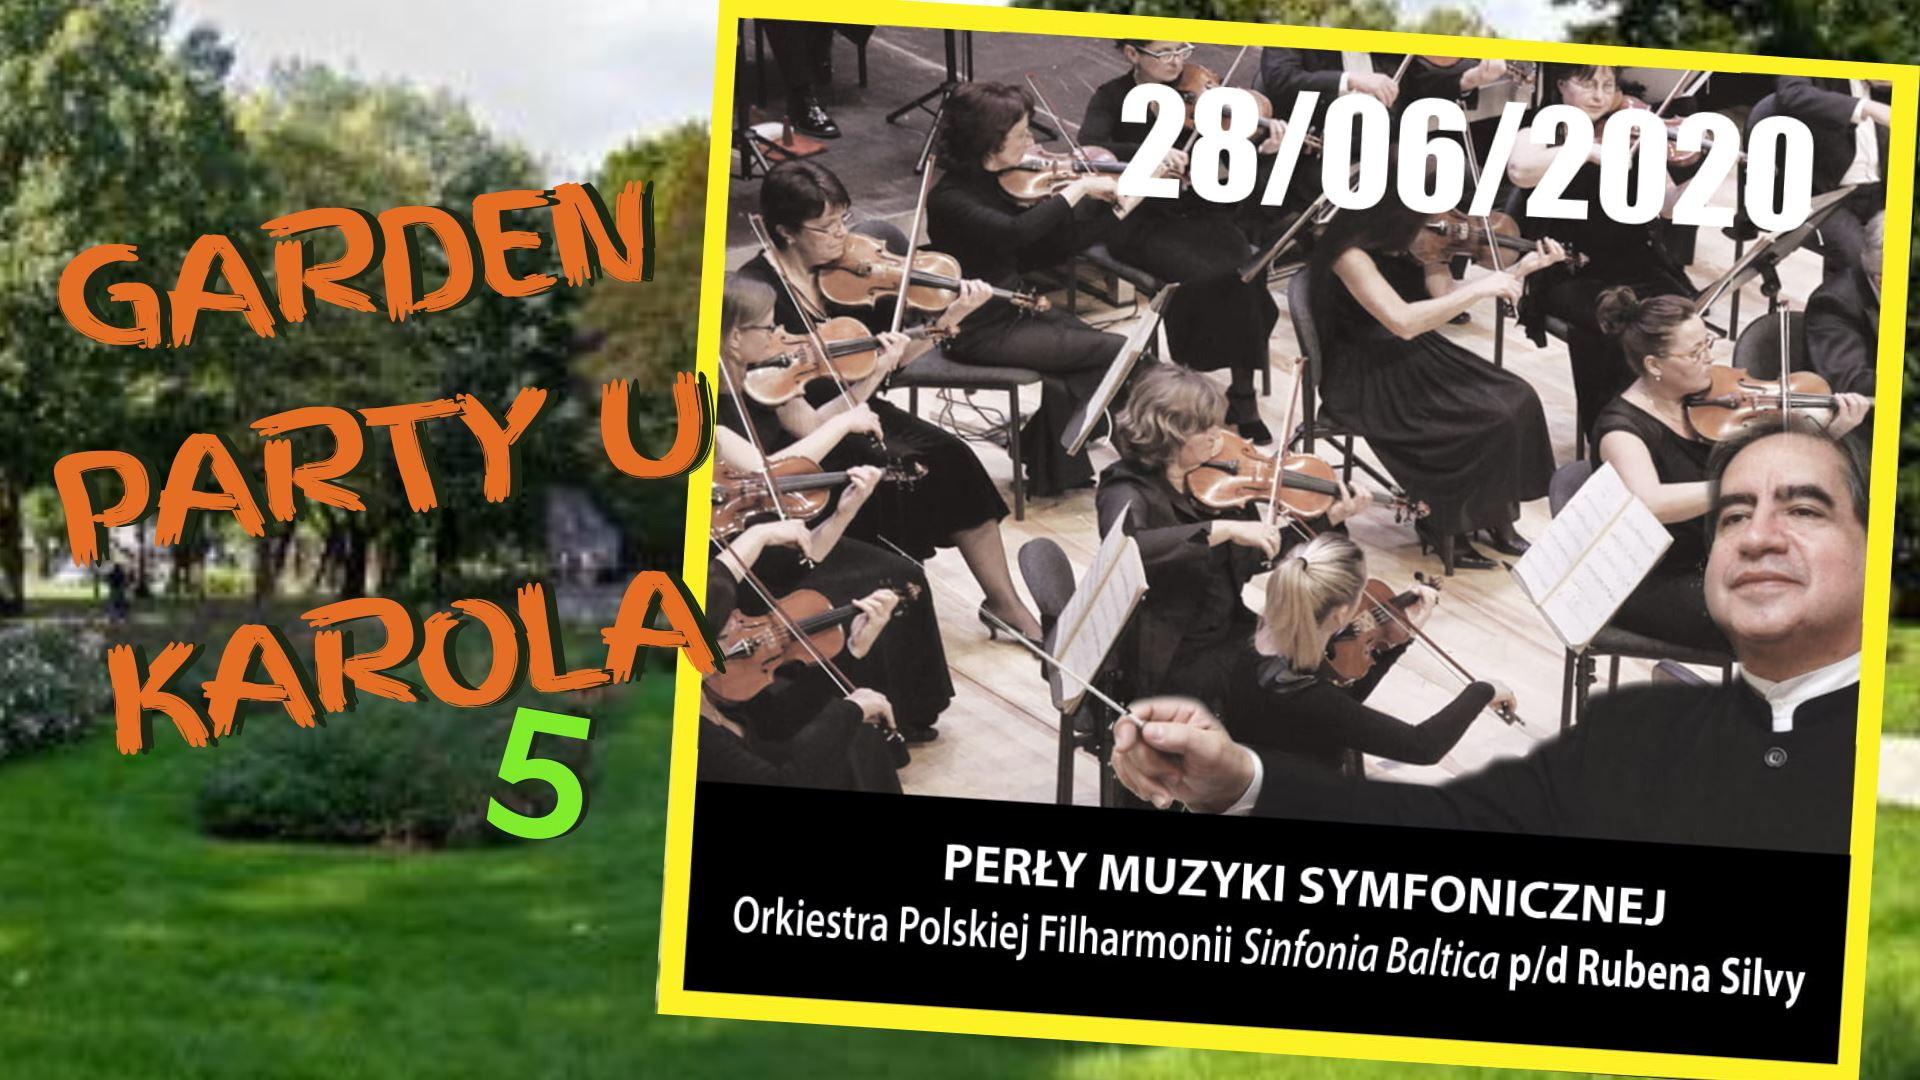 Symfoniczny początek muzycznych spotkań w Słupsku. V edycja Garden Party u Karola